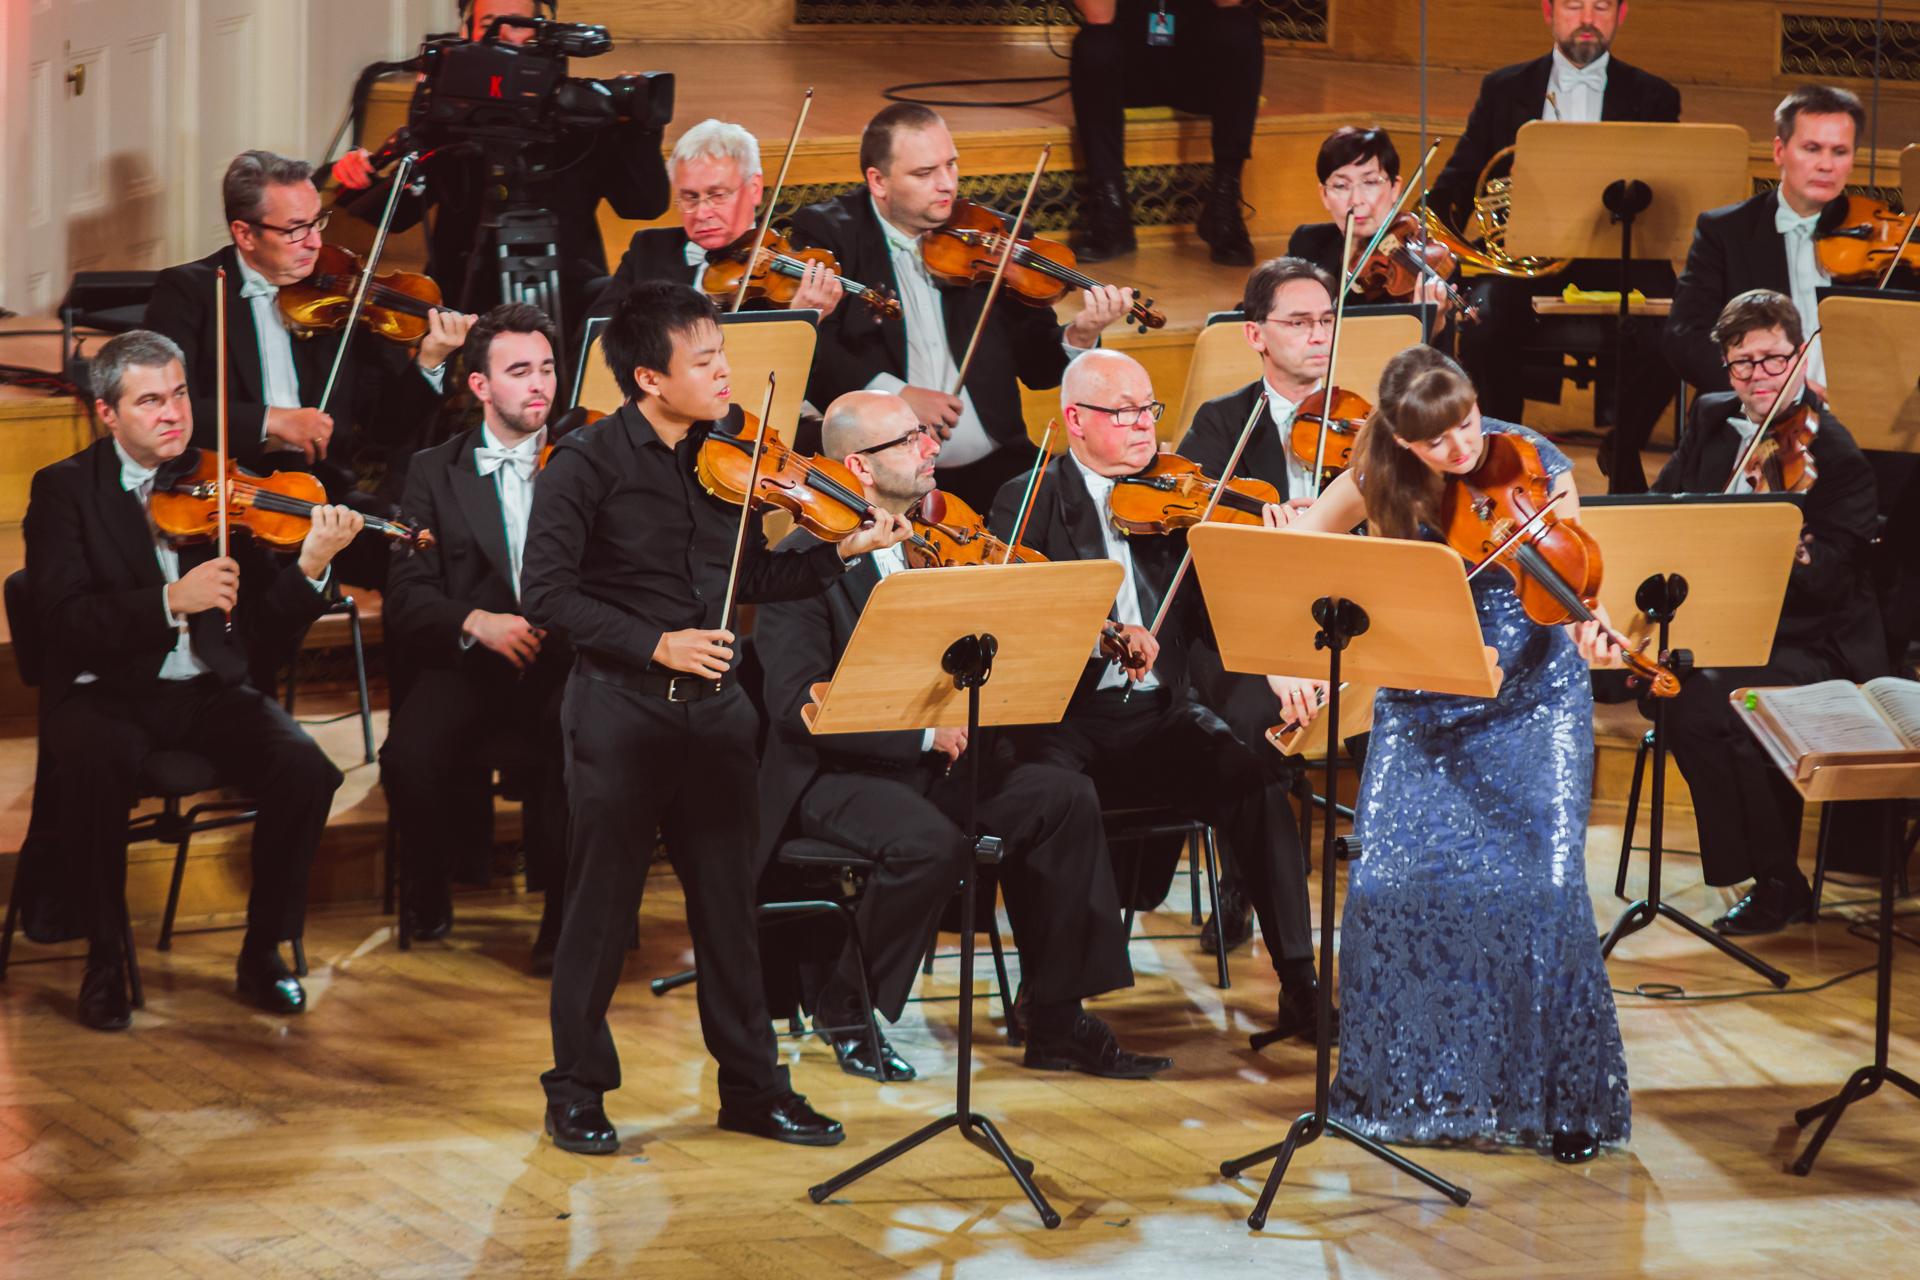 RR Studio. Luke Hsu (USA), Katarzyna Budnik-Gałązka, Orkiestra Polskiego Radia Amadeus pod dyr. Agnieszki Duczmal